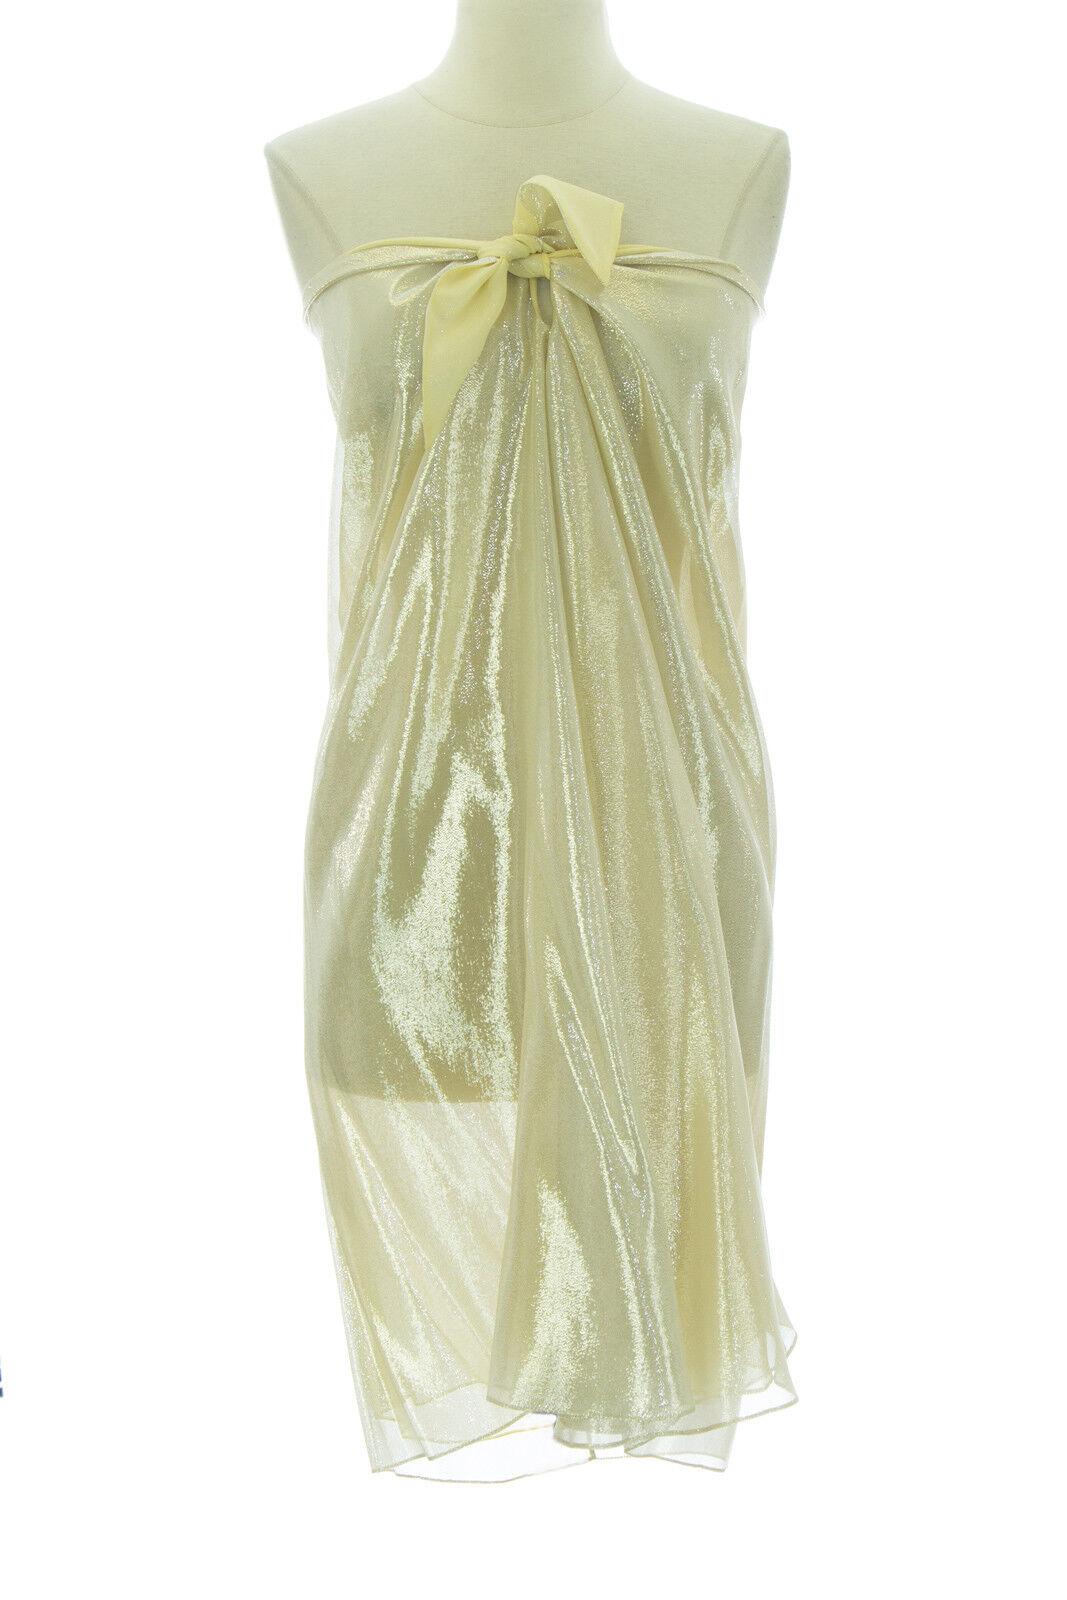 Anne Leman Damen Silber Zitronengelb Trägerloses St.Barth's Kleid 99940 O S  258